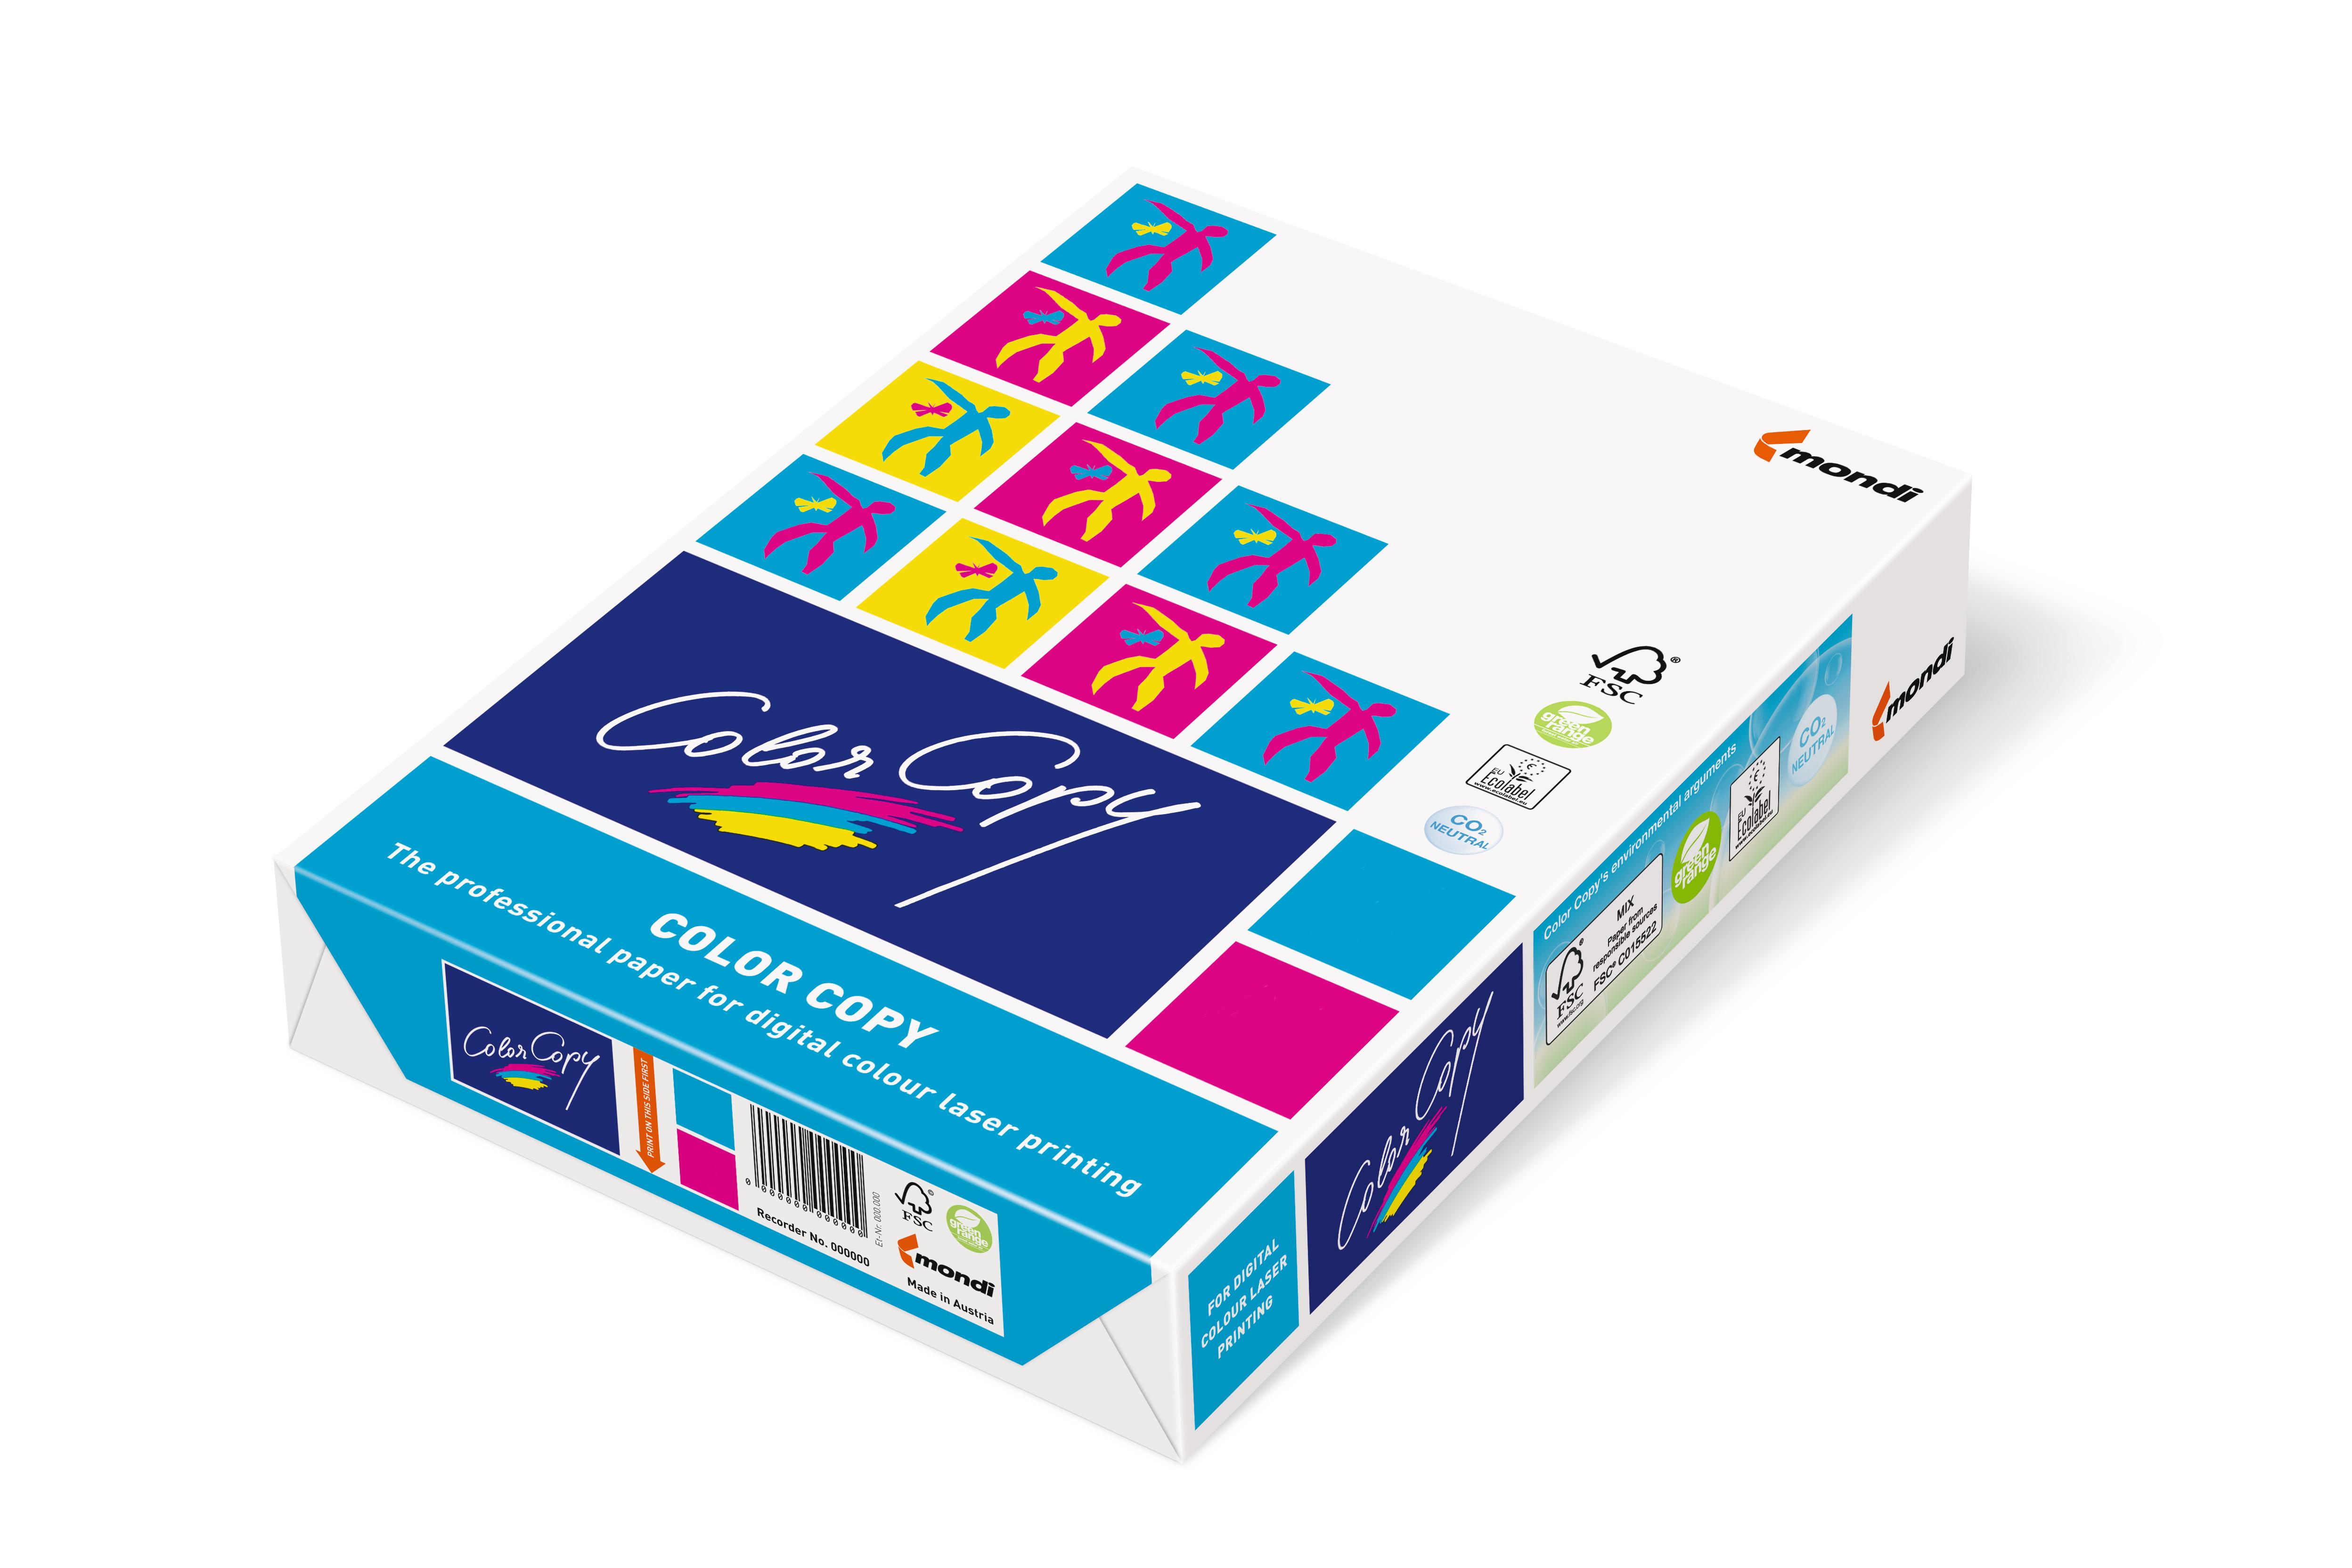 Mondi Color Copy Papier 160g/m² DIN-A4 250 Blatt